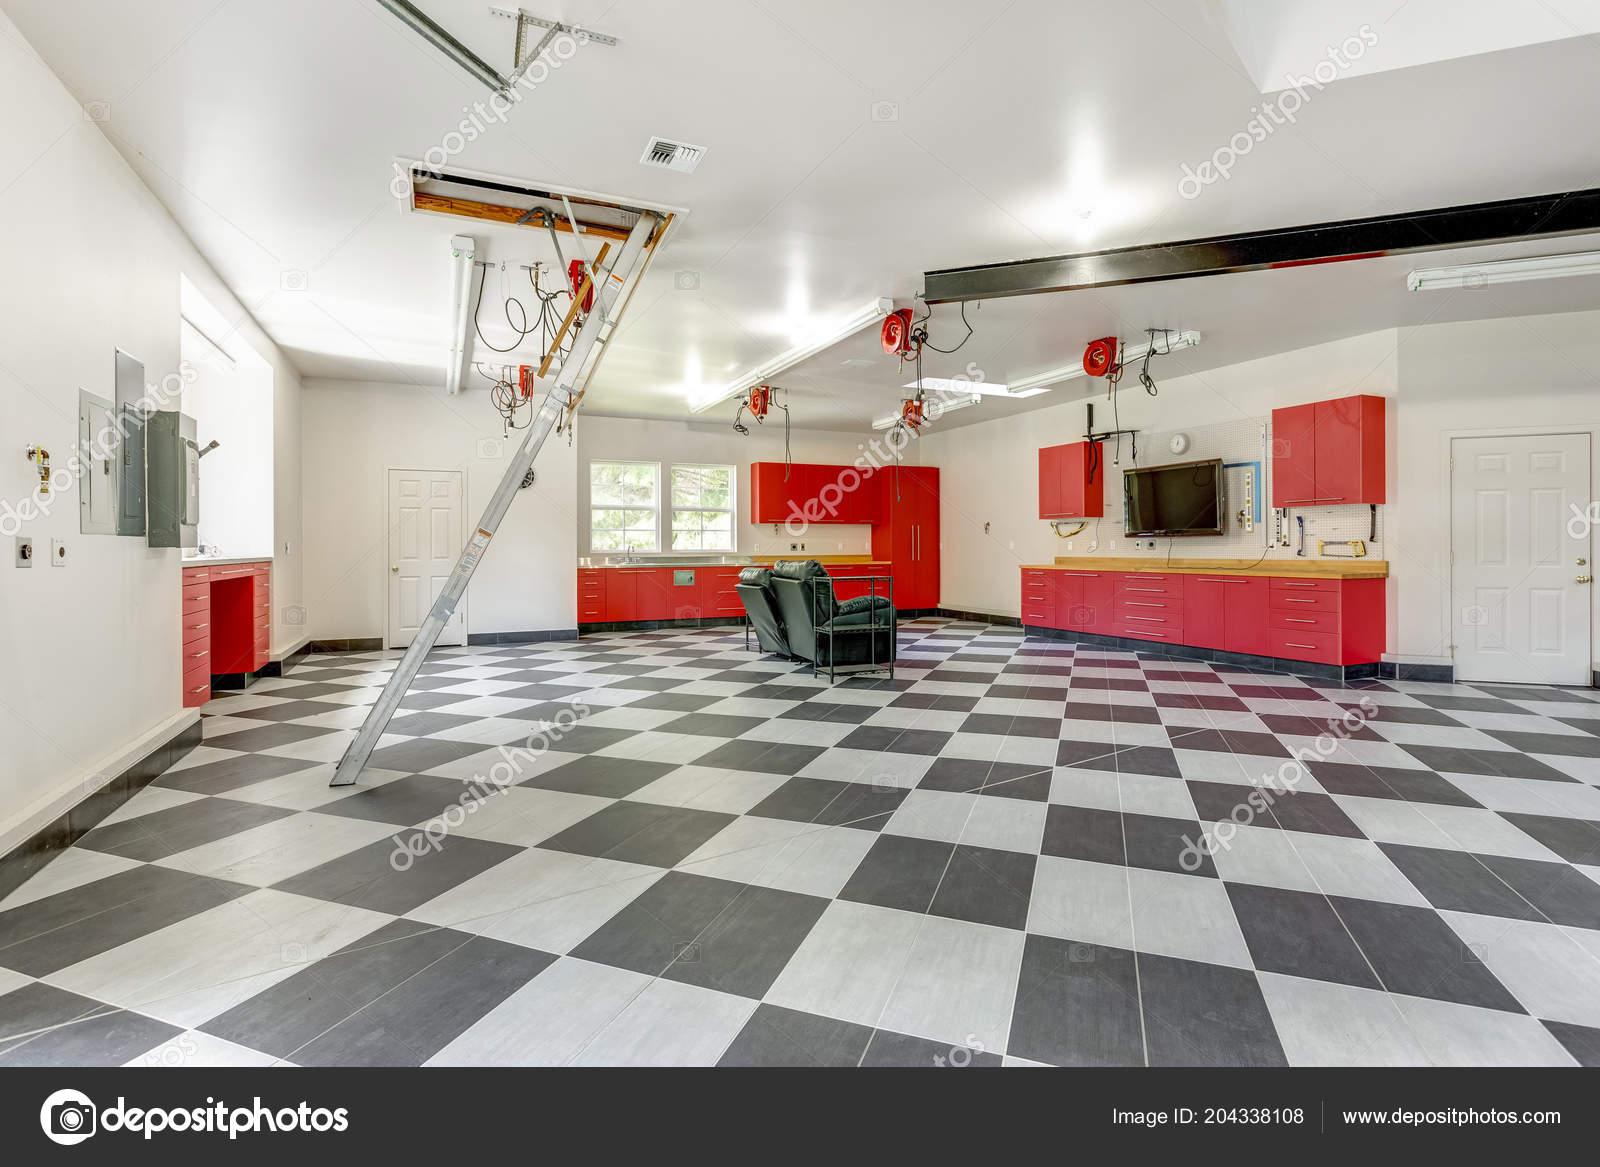 Pavimento Rosso E Bianco : Interno spazioso garage moderno con sistema archiviazione rosso